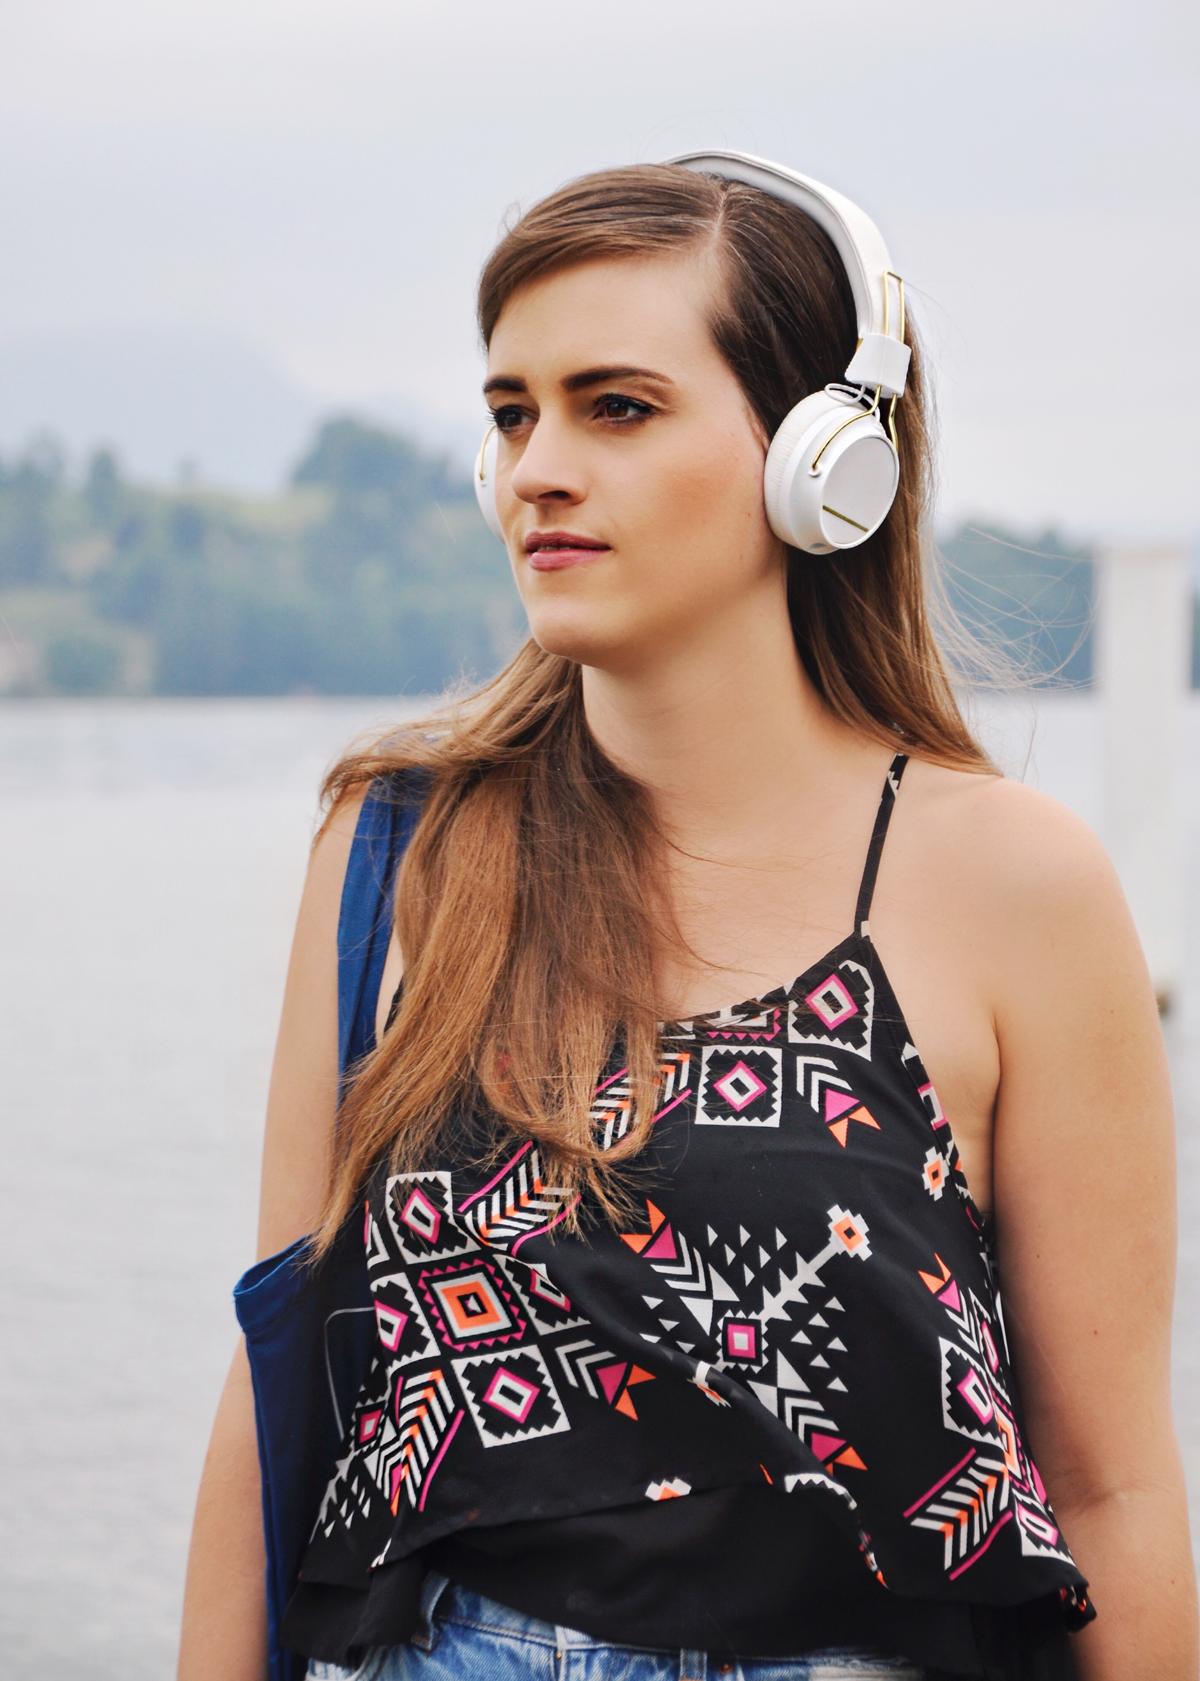 Fashionblogger, Andrea Steiner von Strawberries 'n' Champagne trägt die neuen Regent On-Ear Headphones by Sudio.